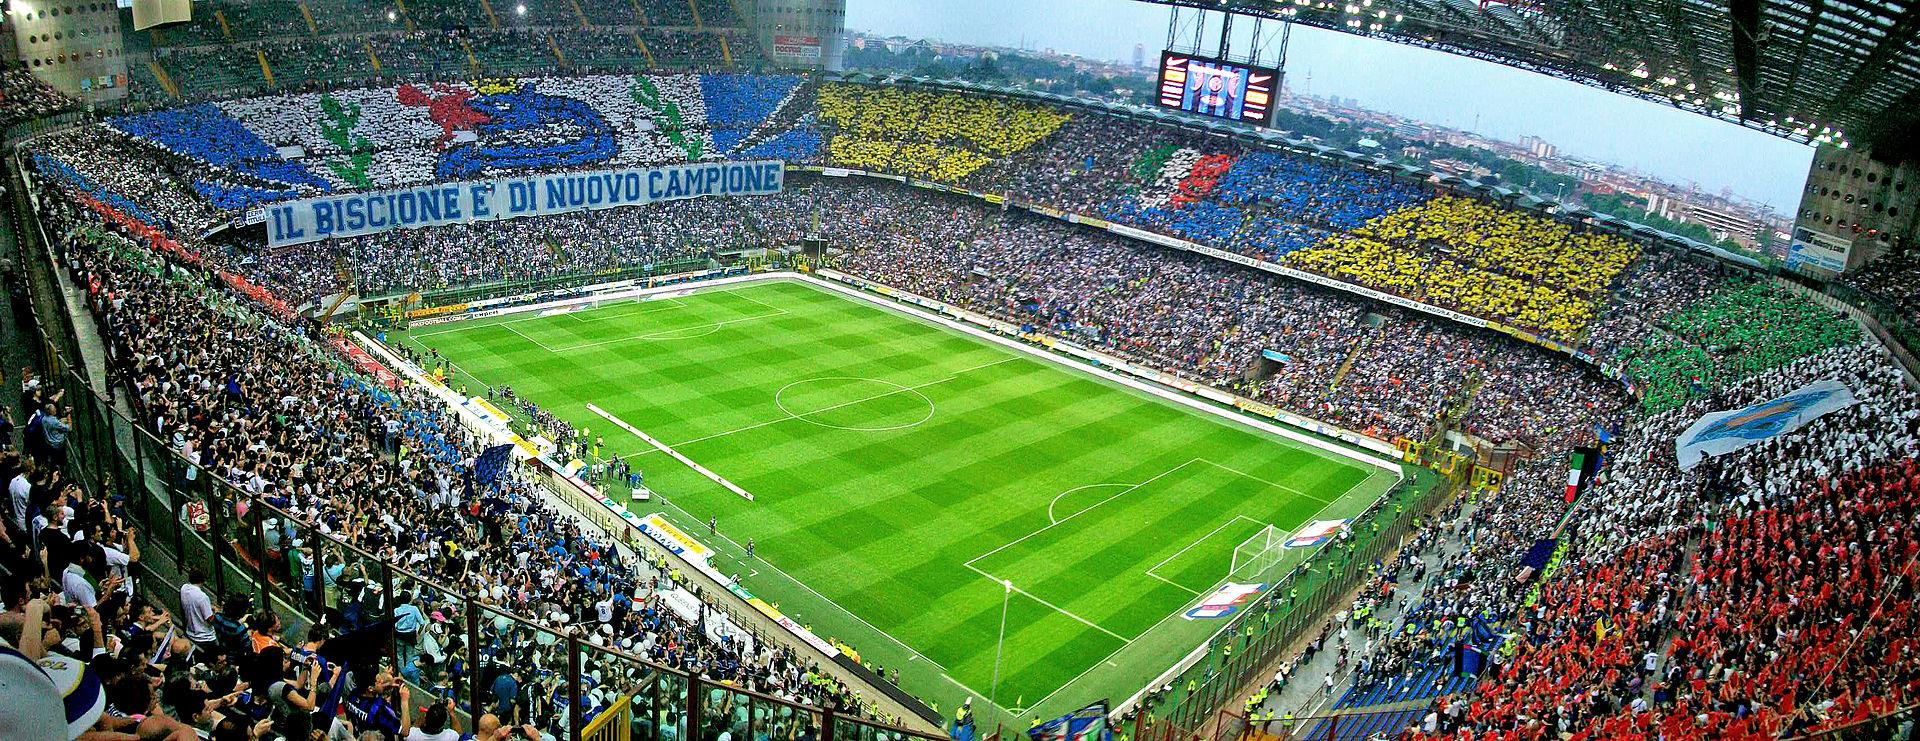 'Võ Đài' diễn ra trận quyết đấu giữa Real Madrid và Atlético Madrid 6